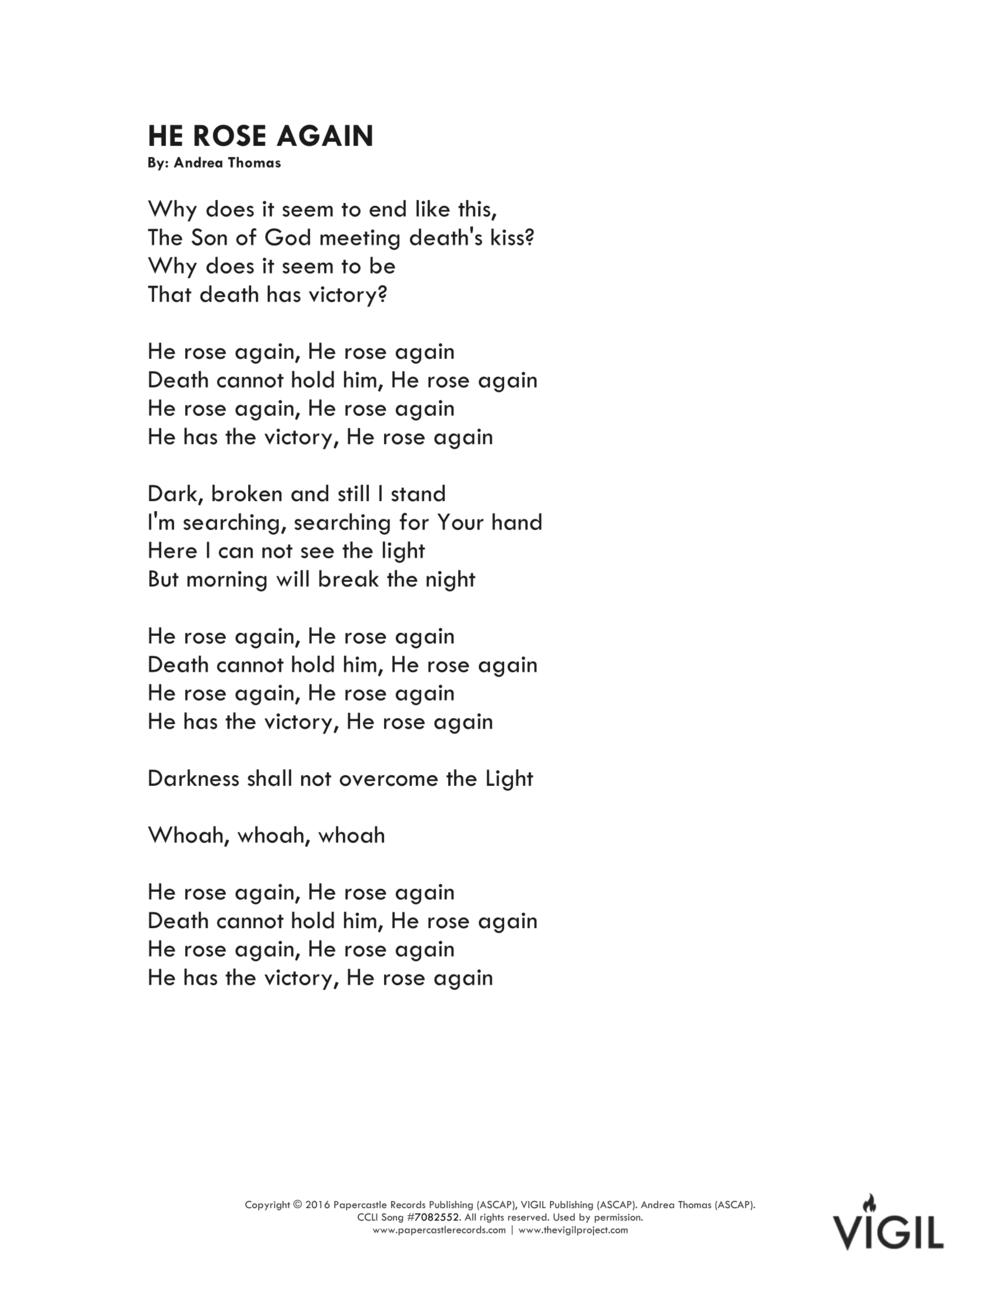 VIGIL S1 - He Rose Again (Lyrics)-1.png